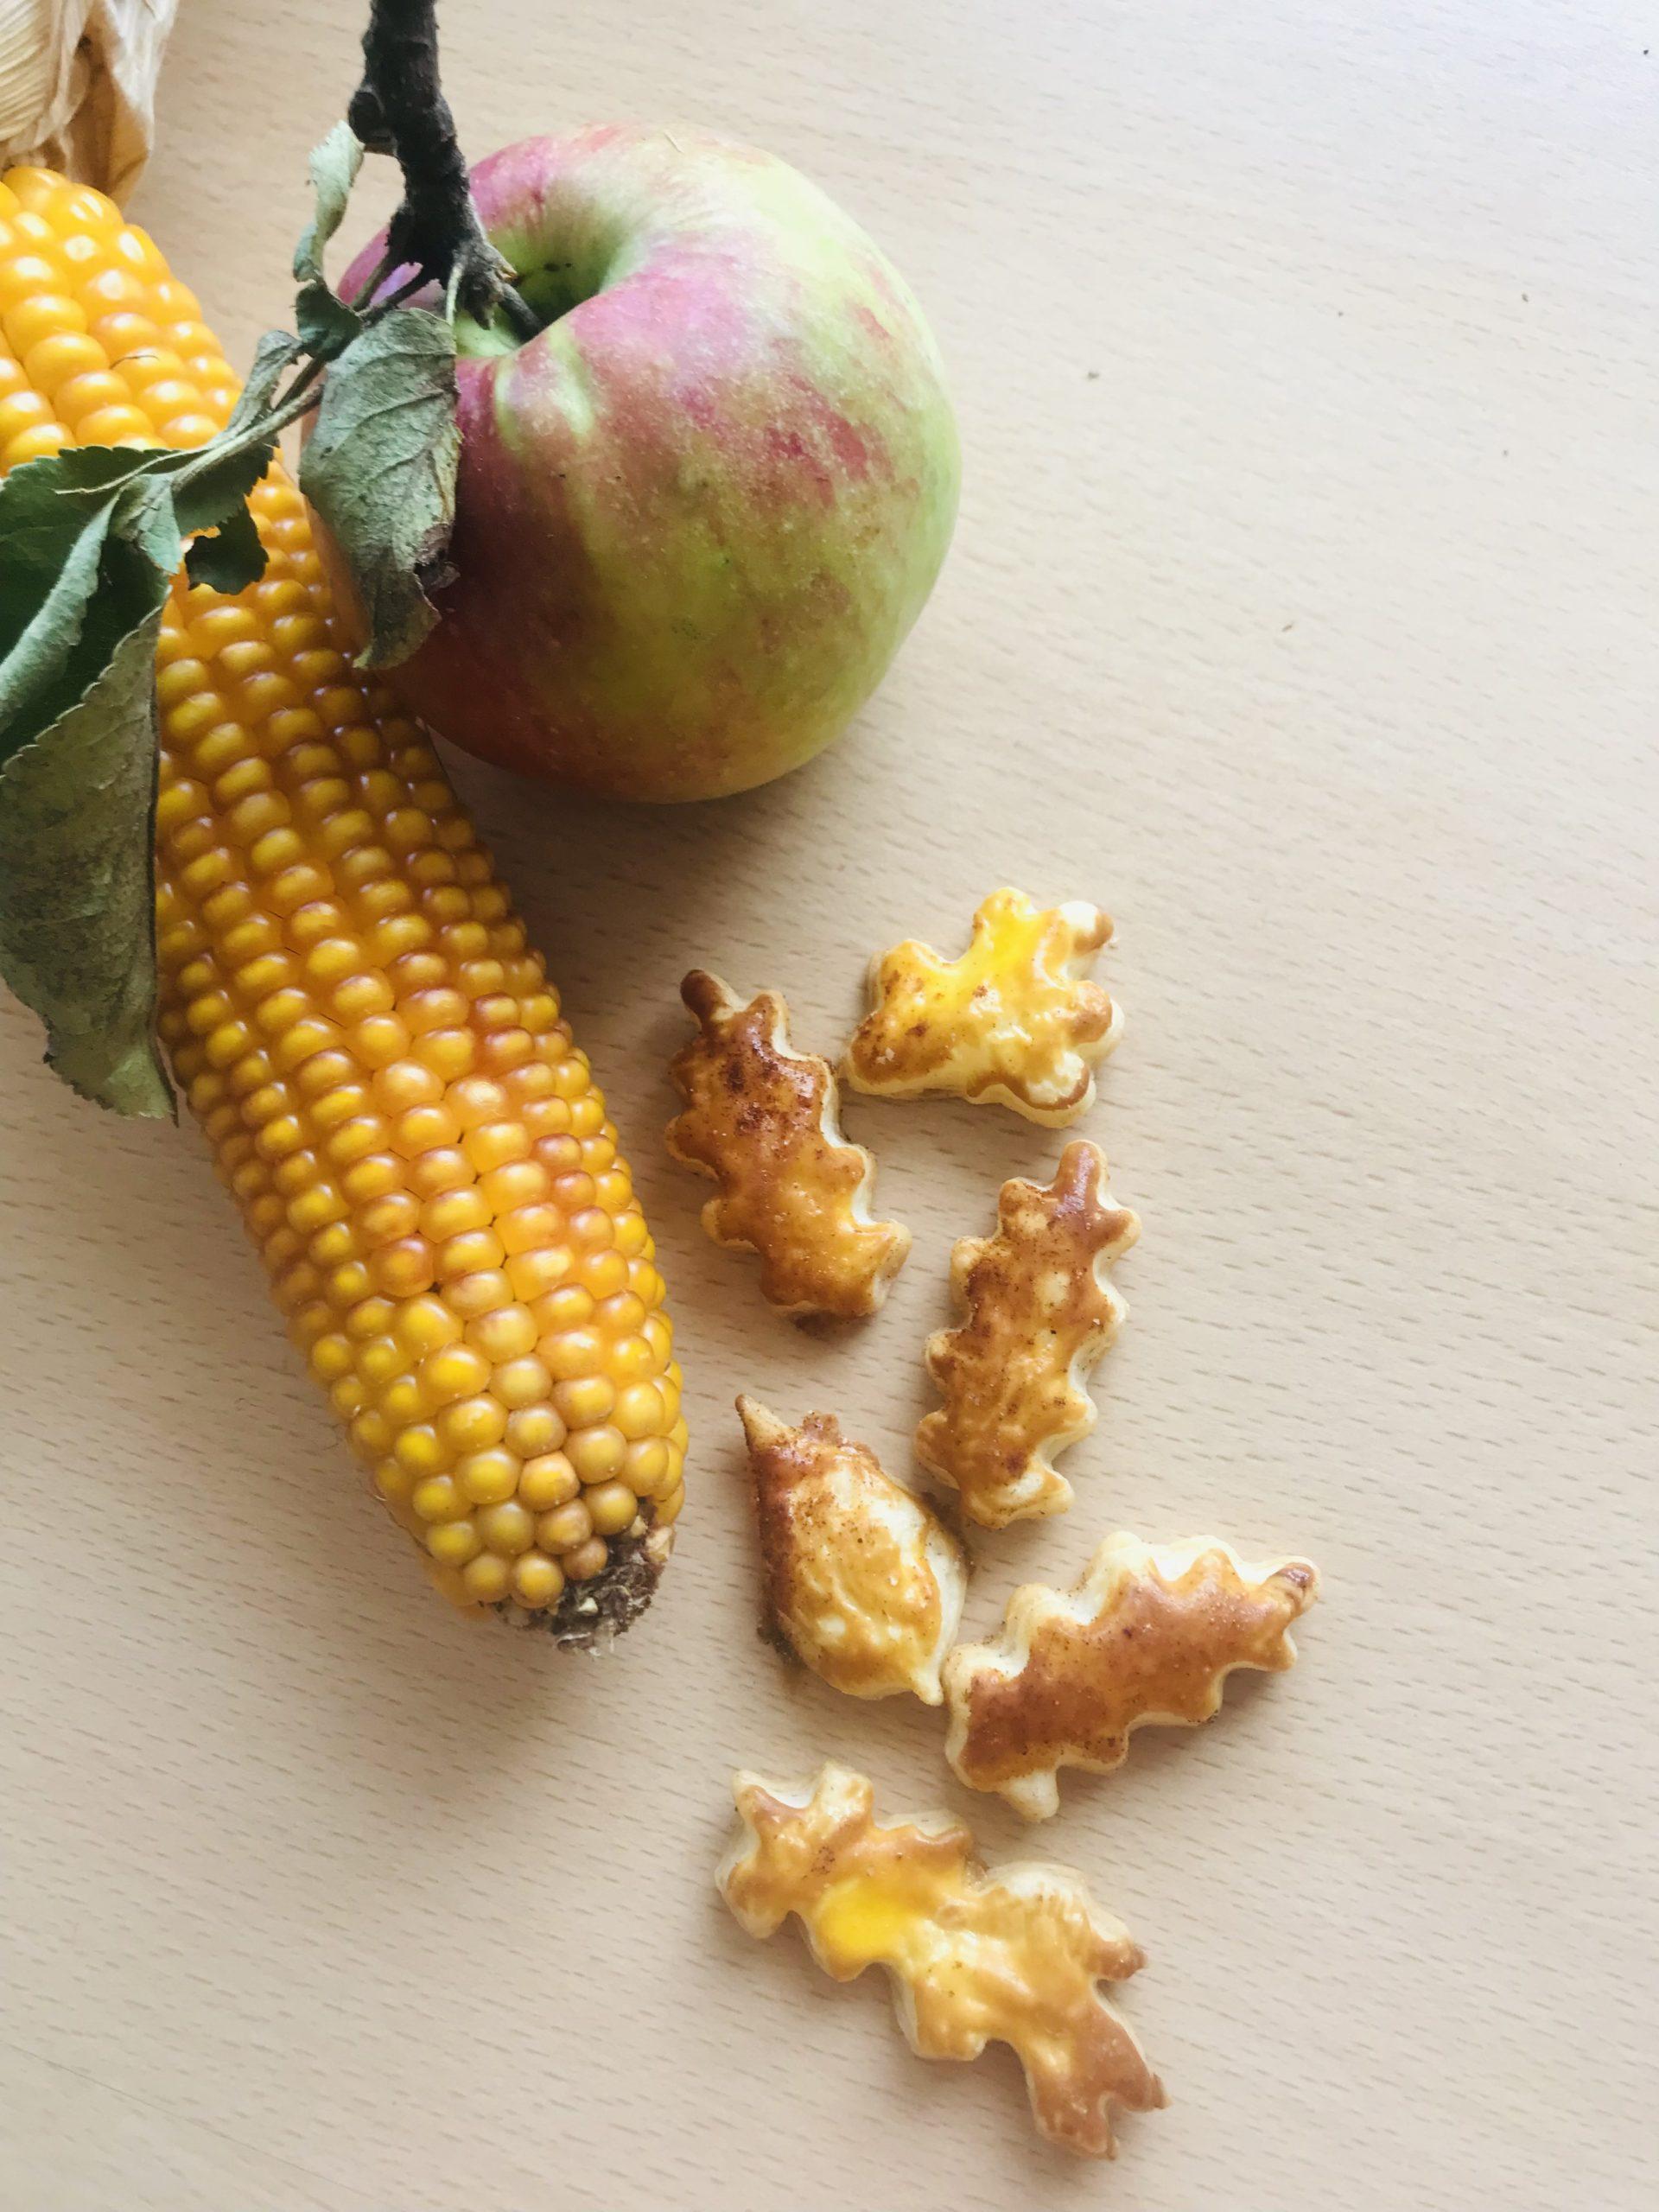 Ein Maiskoleben, ein Apfel und Blätterteigblätter